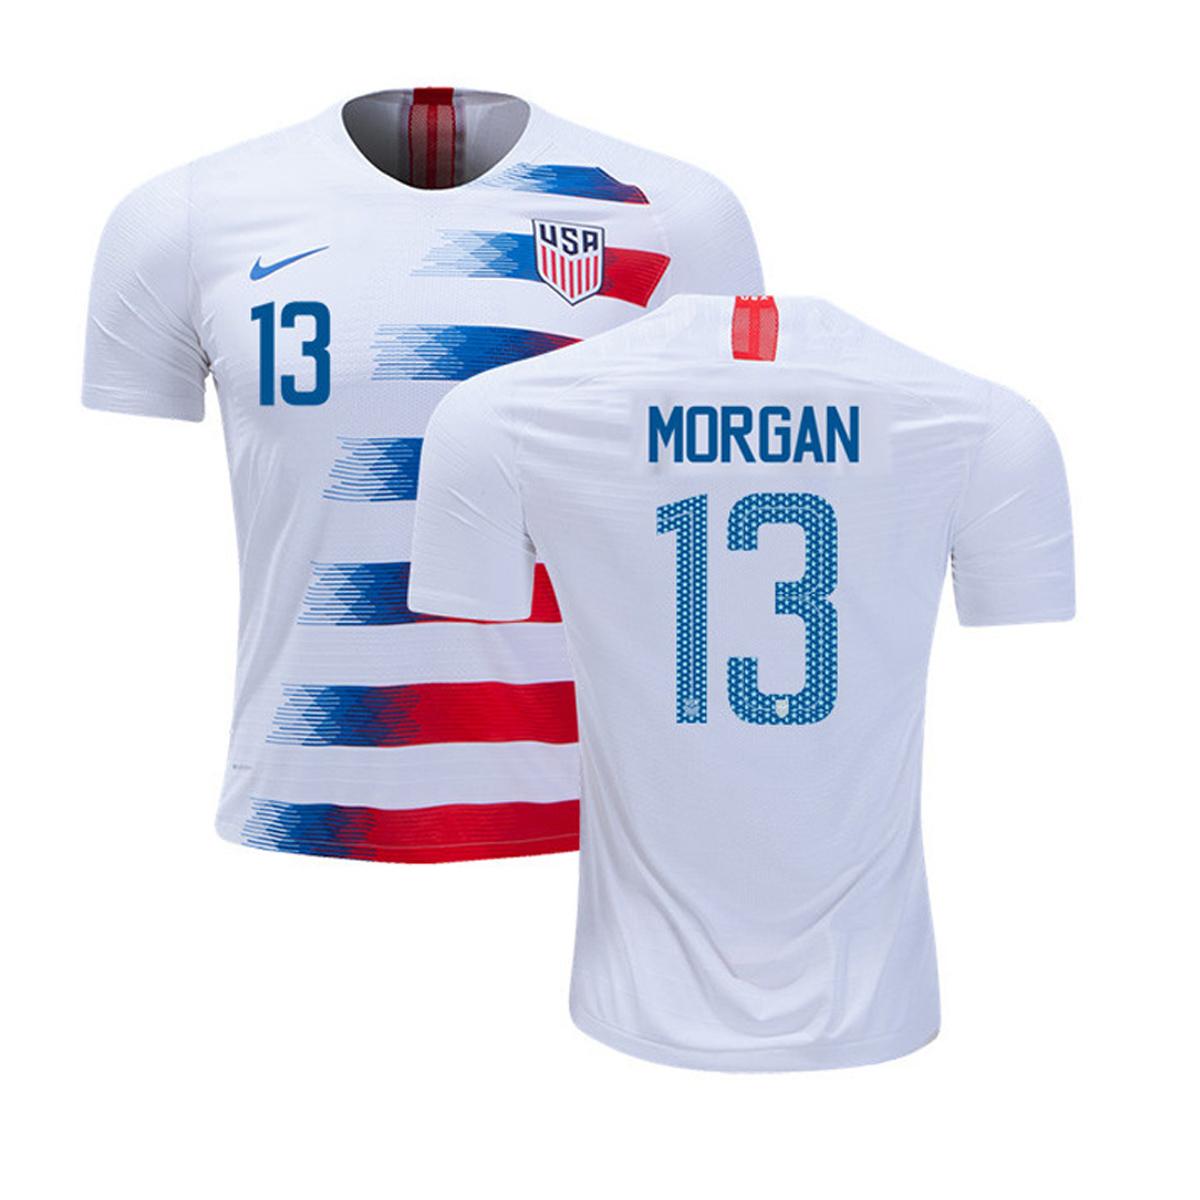 73e82e780 Nike USA Alex Morgan  13 Men s Soccer Jersey (Home 18 19 ...